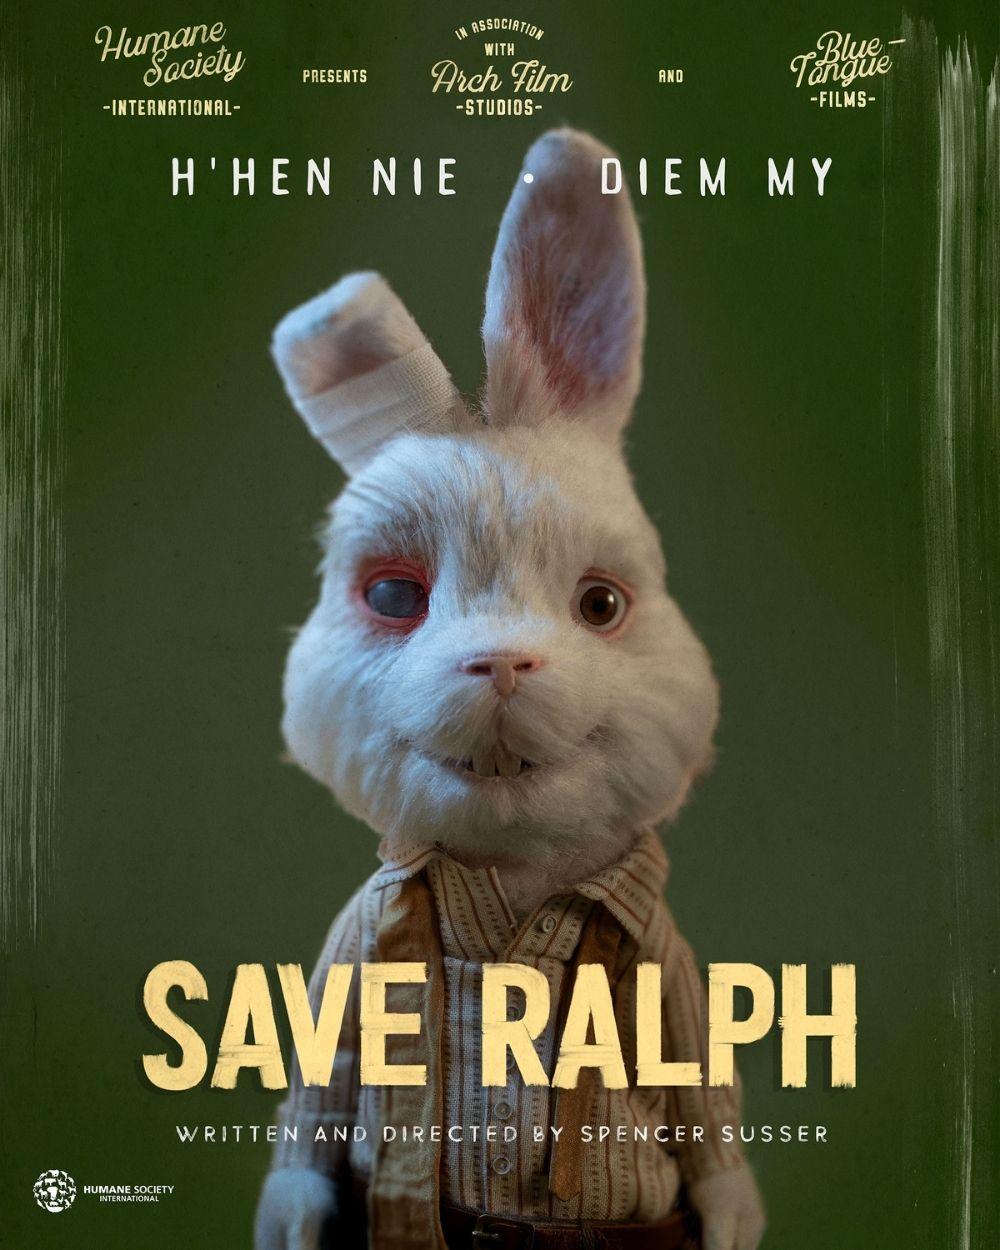 Save Ralph phim ngắn về bảo vệ động vật